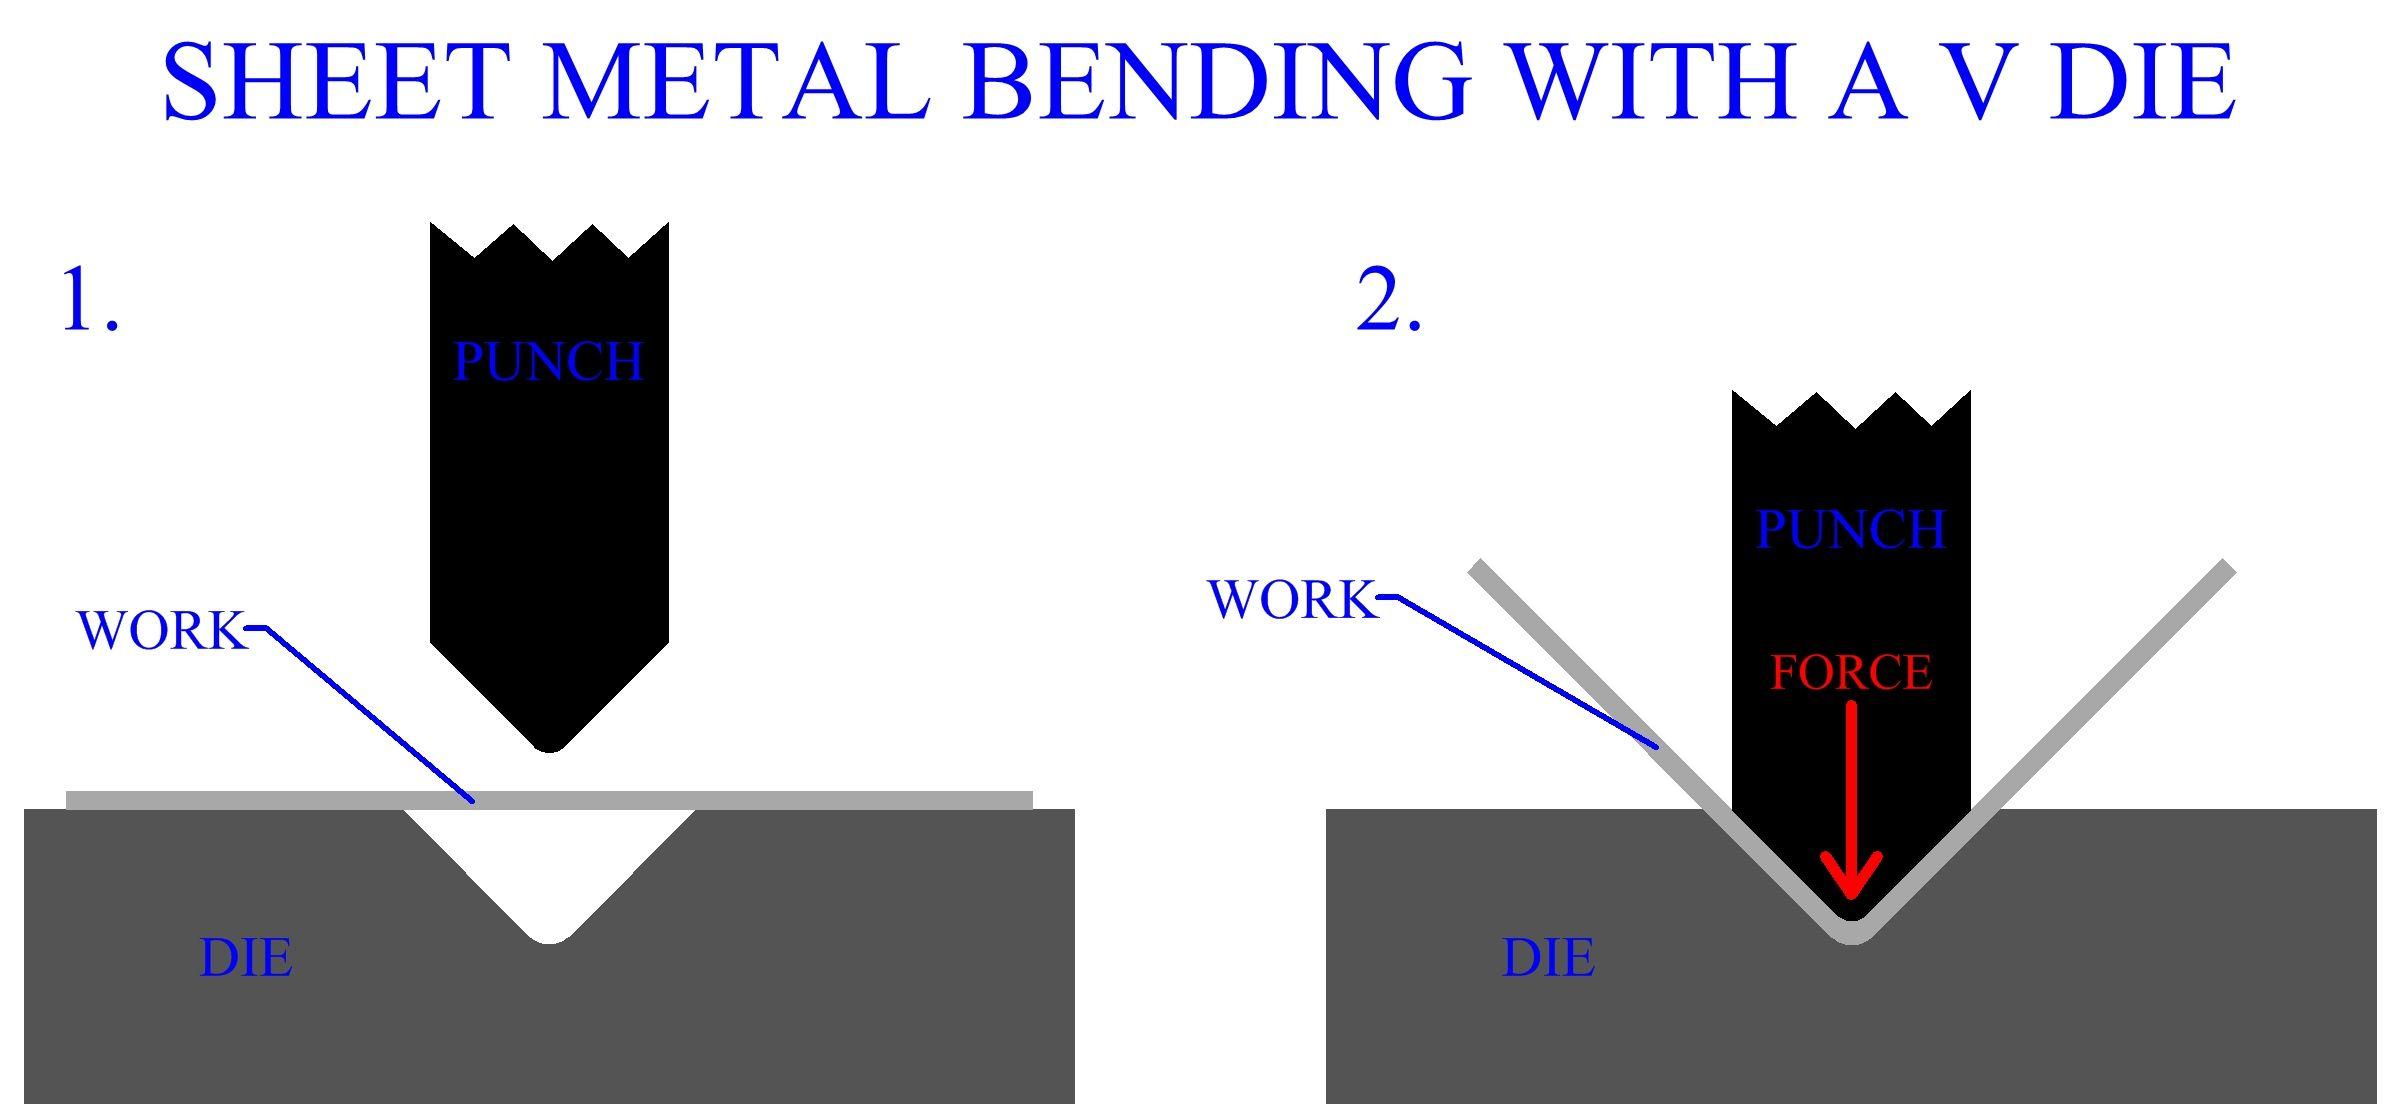 Sheet Metal Bending With A V Die Metal Bending Sheet Metal Metal Forming